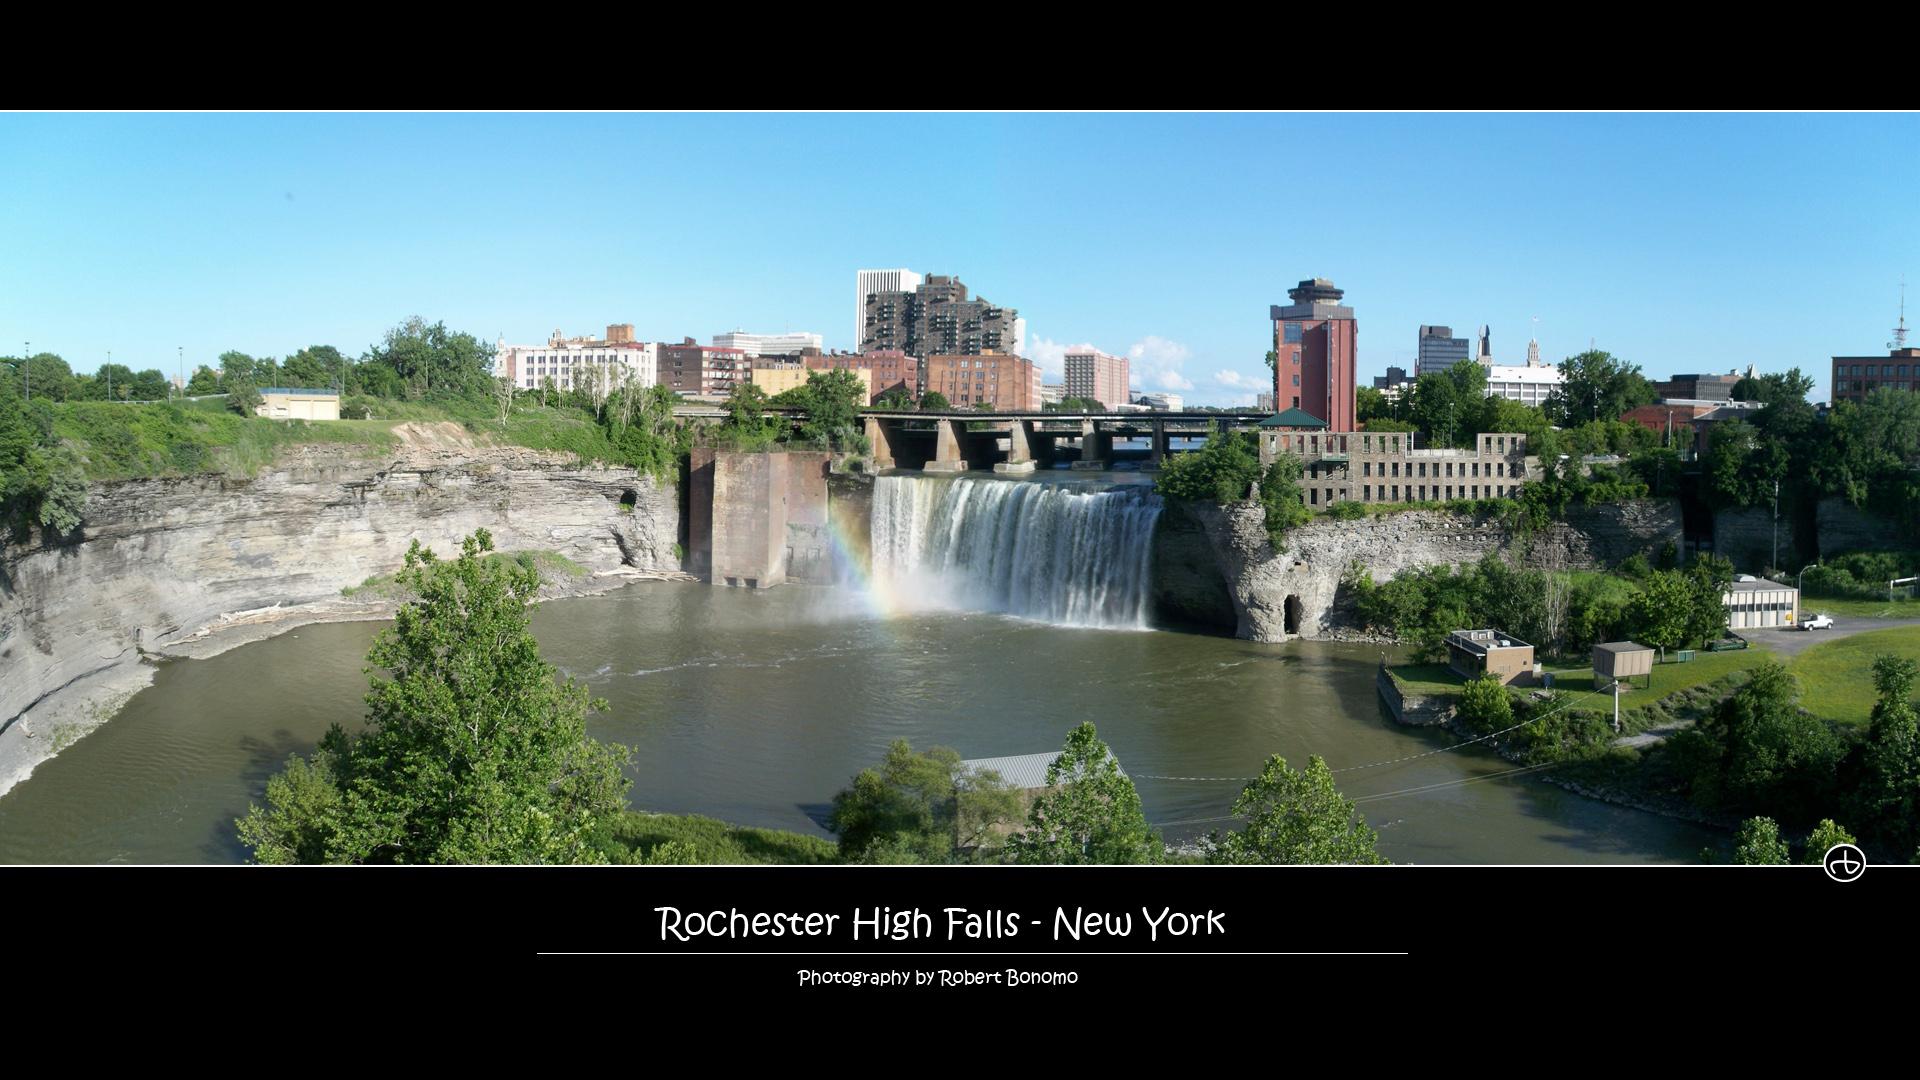 Rochester High Falls (New York)